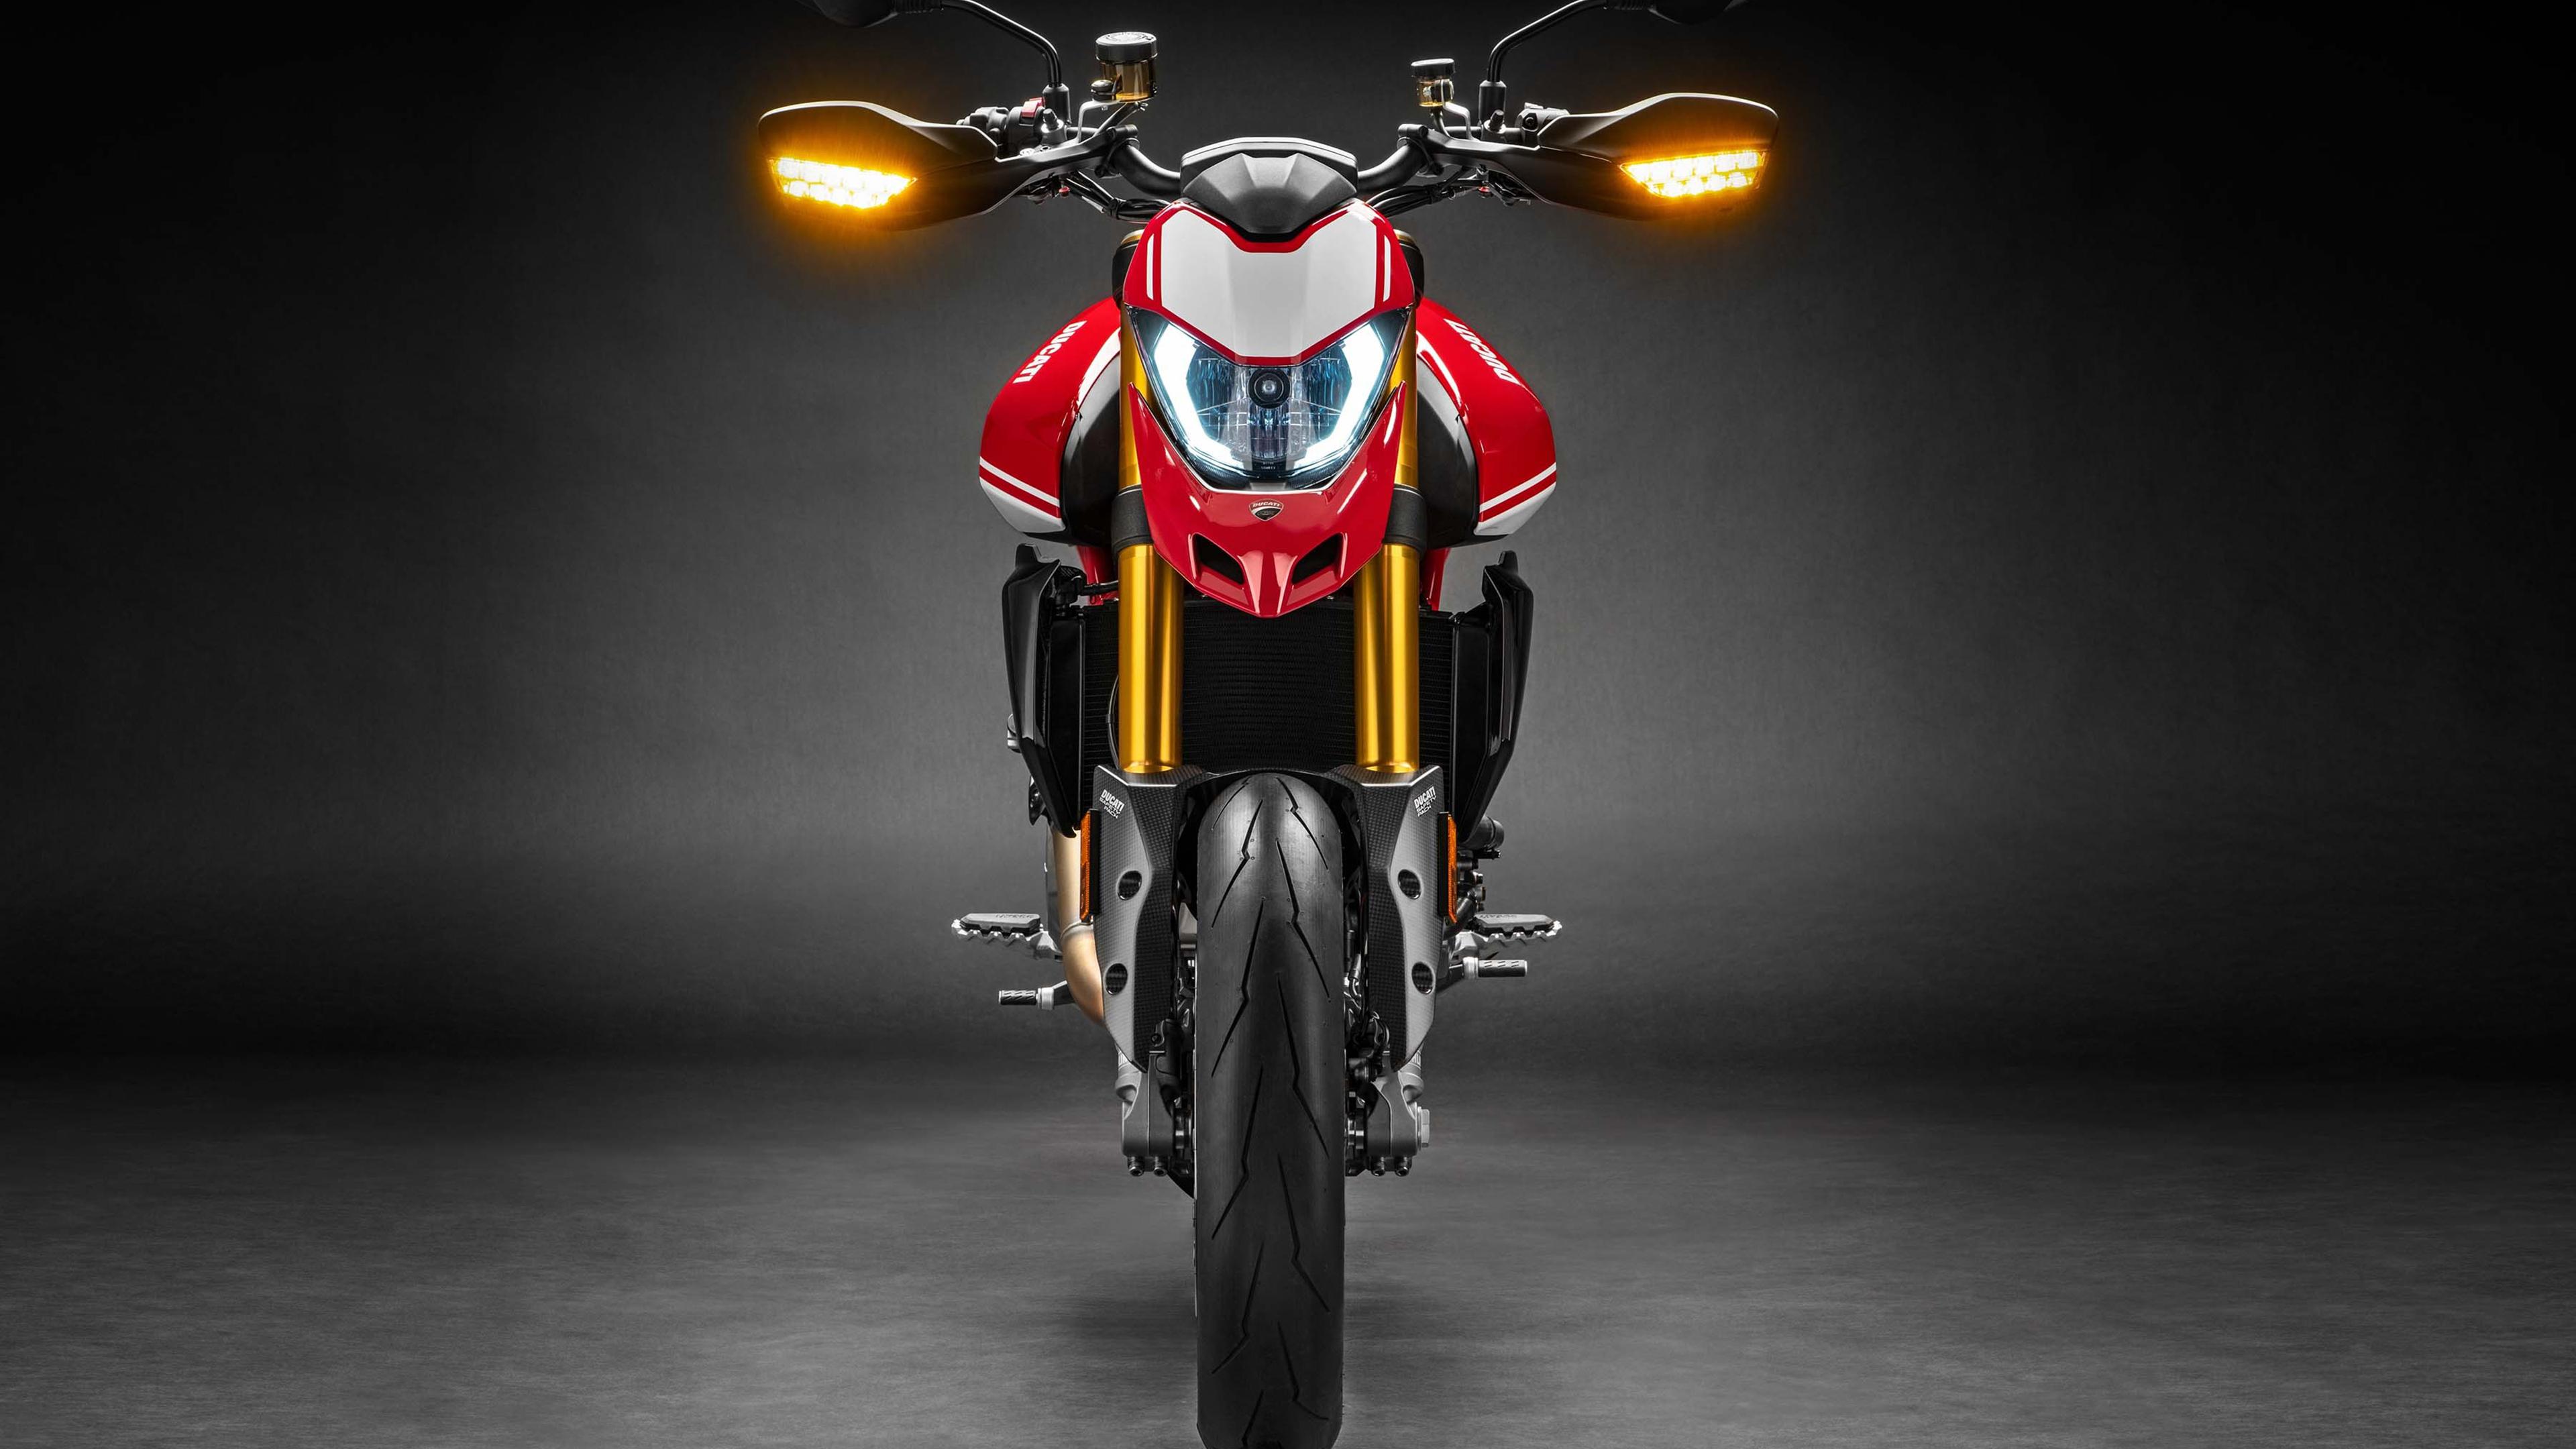 2019 Ducati hypermotard 950 sp обои скачать